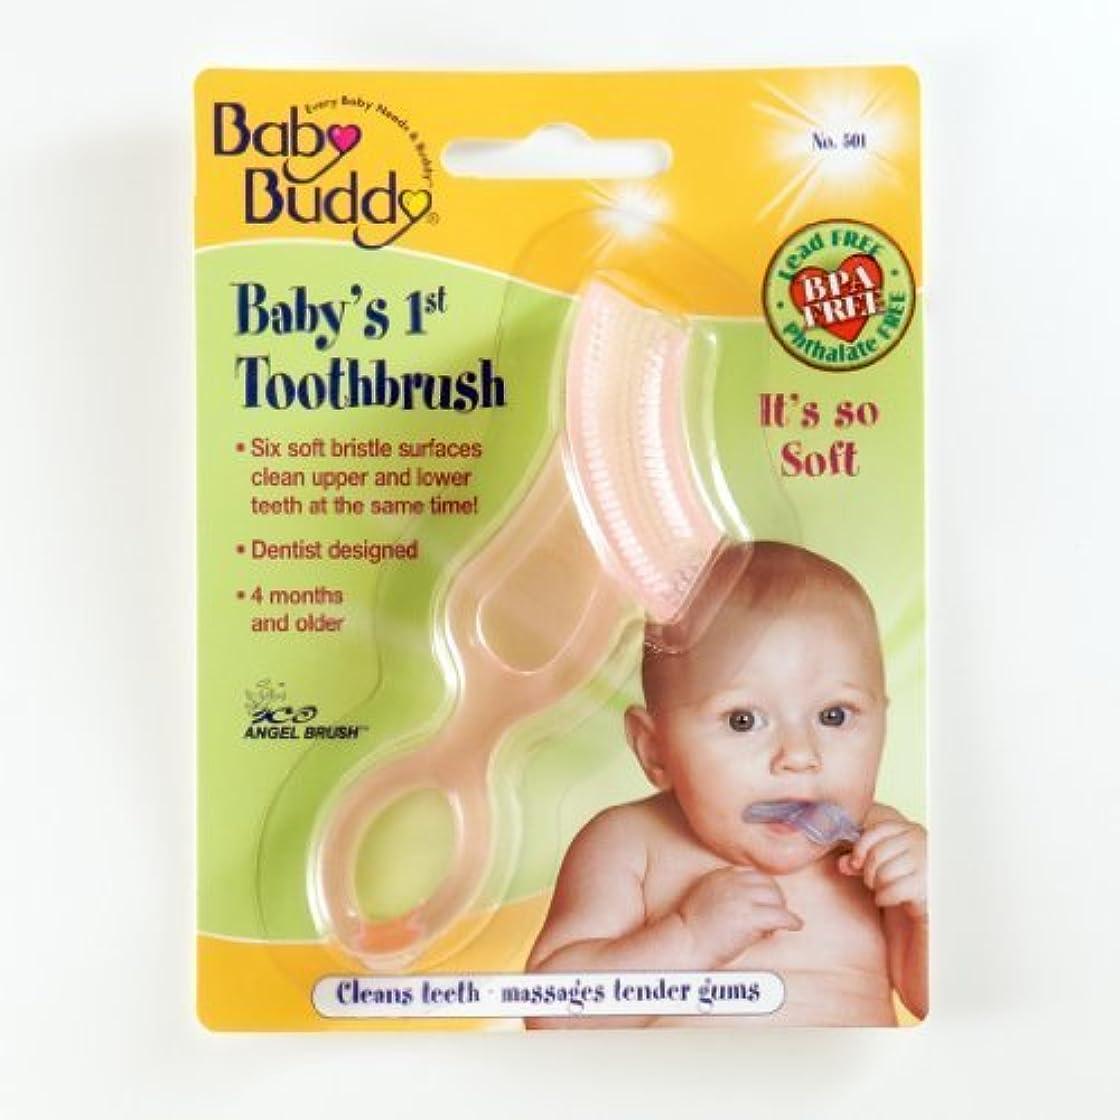 セットする戸棚欲しいですBaby Buddy: Baby's 1st Toothbrush by Baby Buddy [並行輸入品]